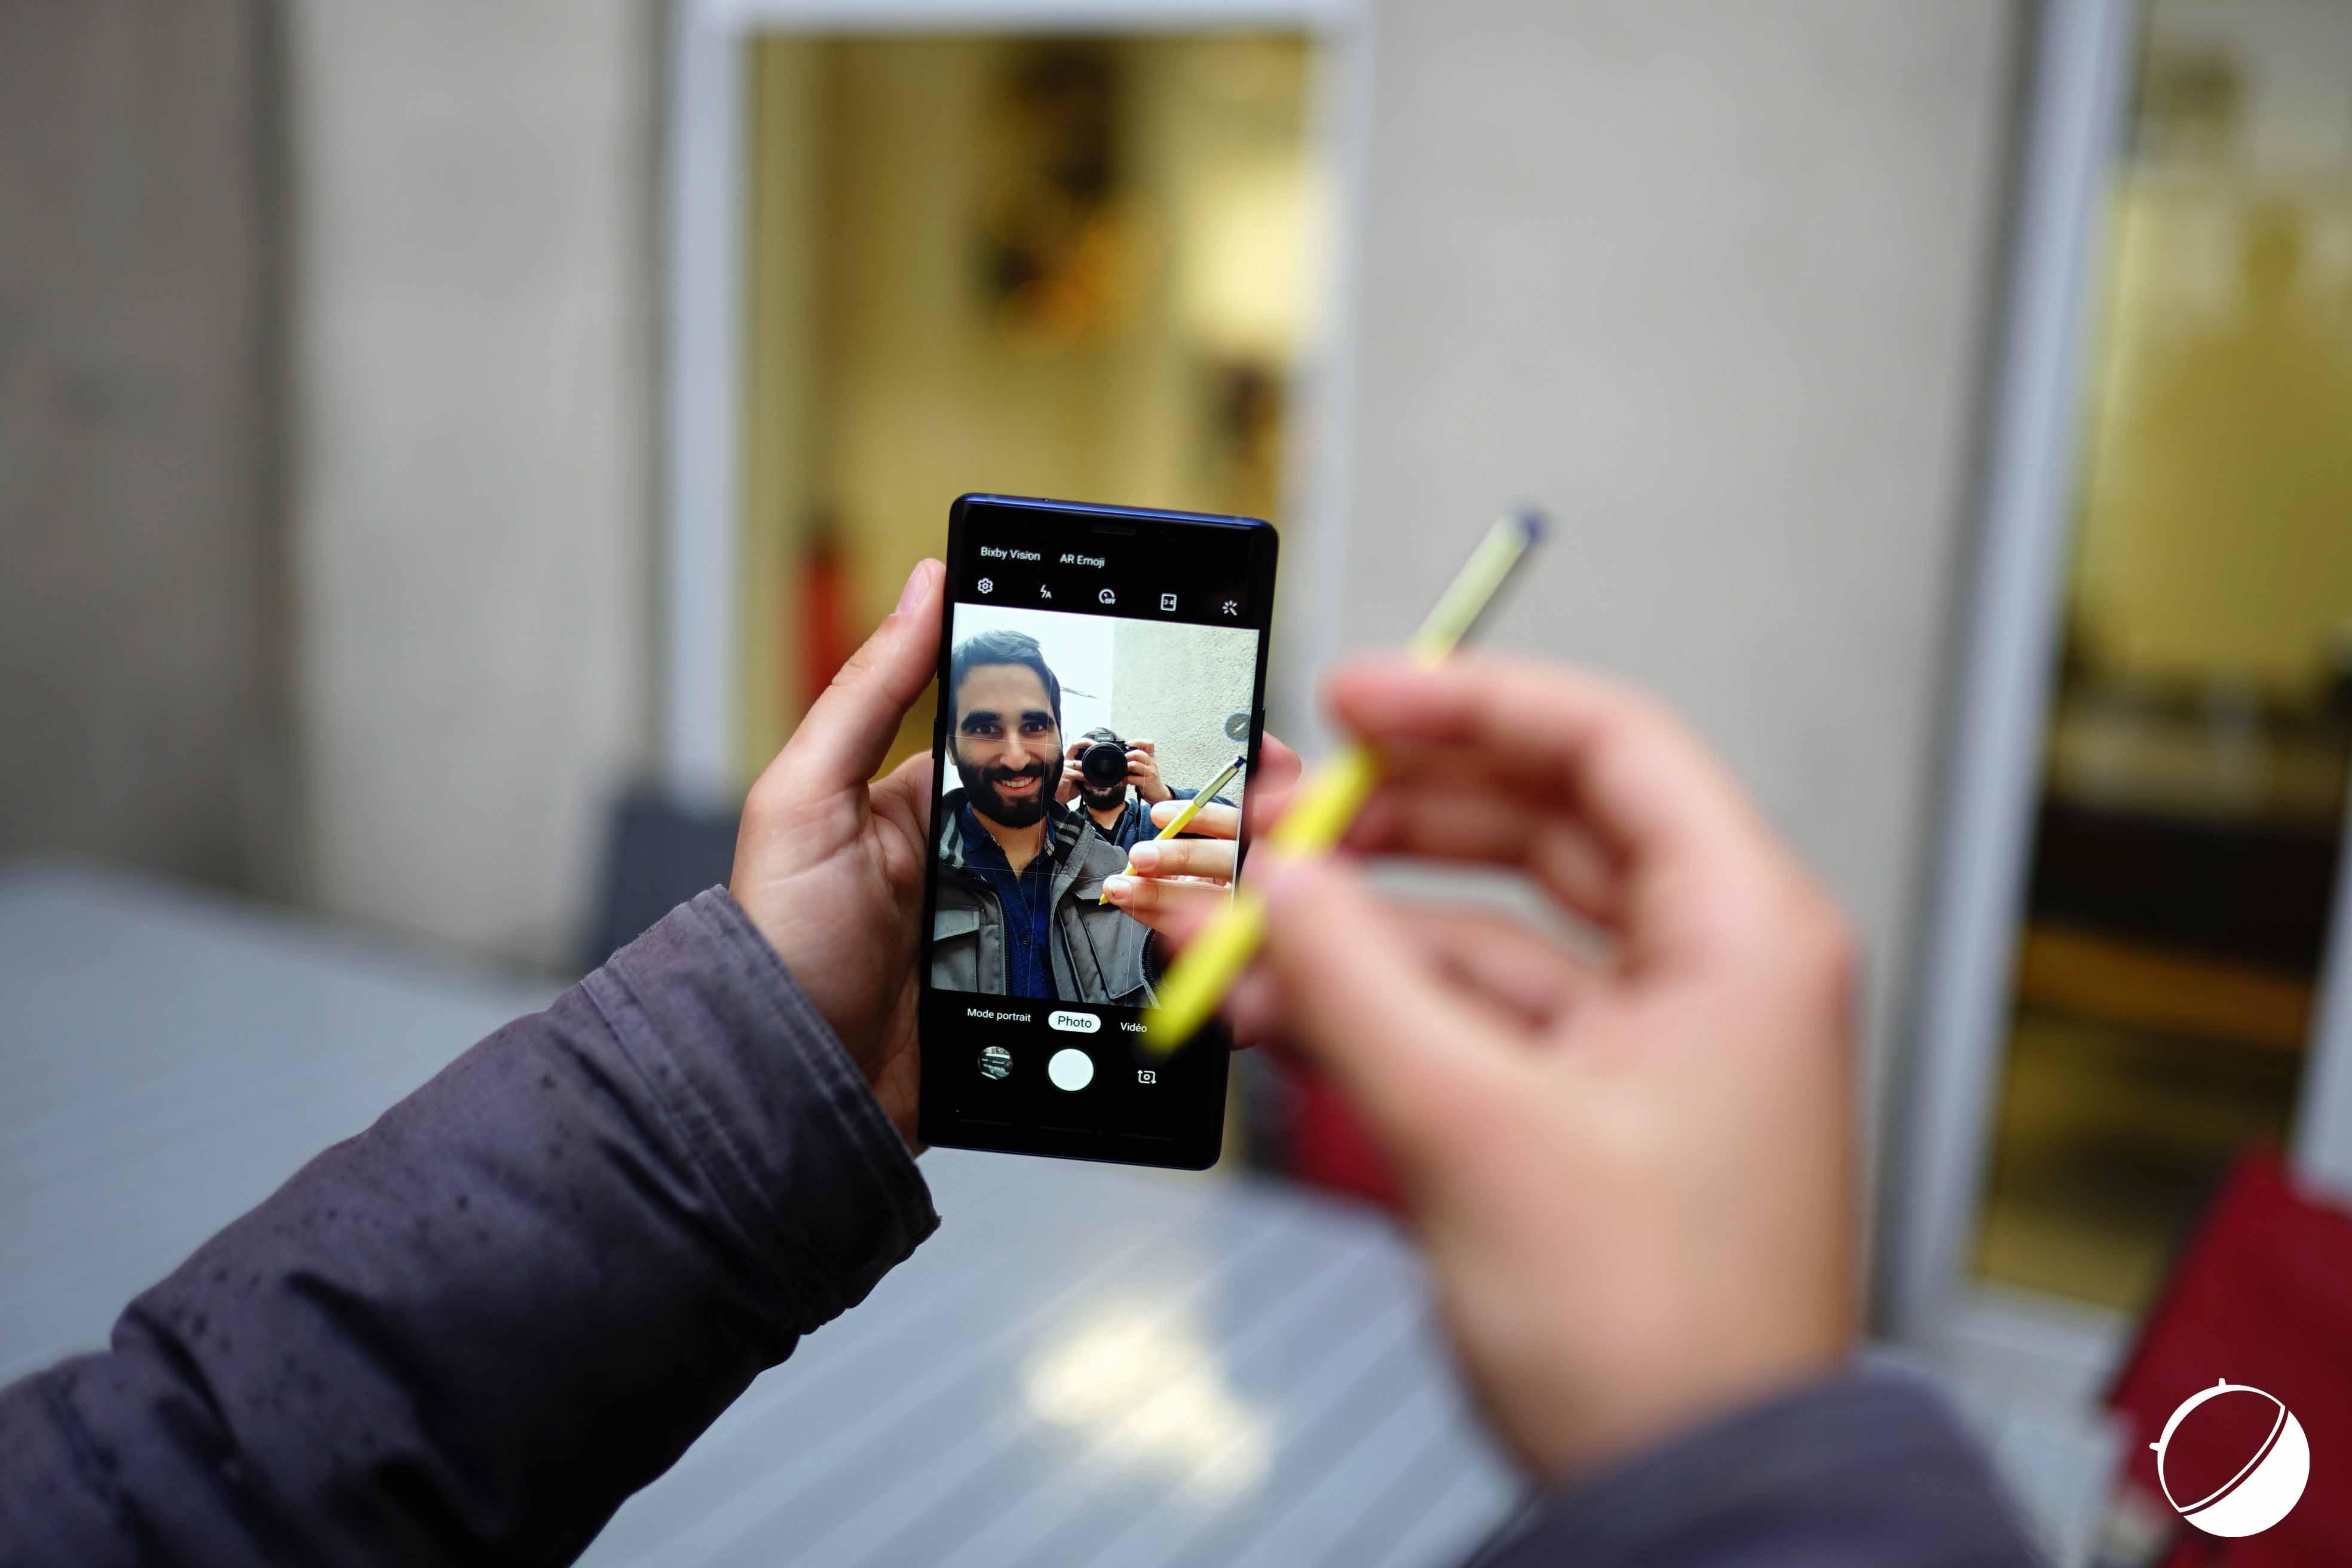 Capteur photo dans le S Pen, photos du Samsung Galaxy S10e et moqueries de Xiaomi – Tech'spresso